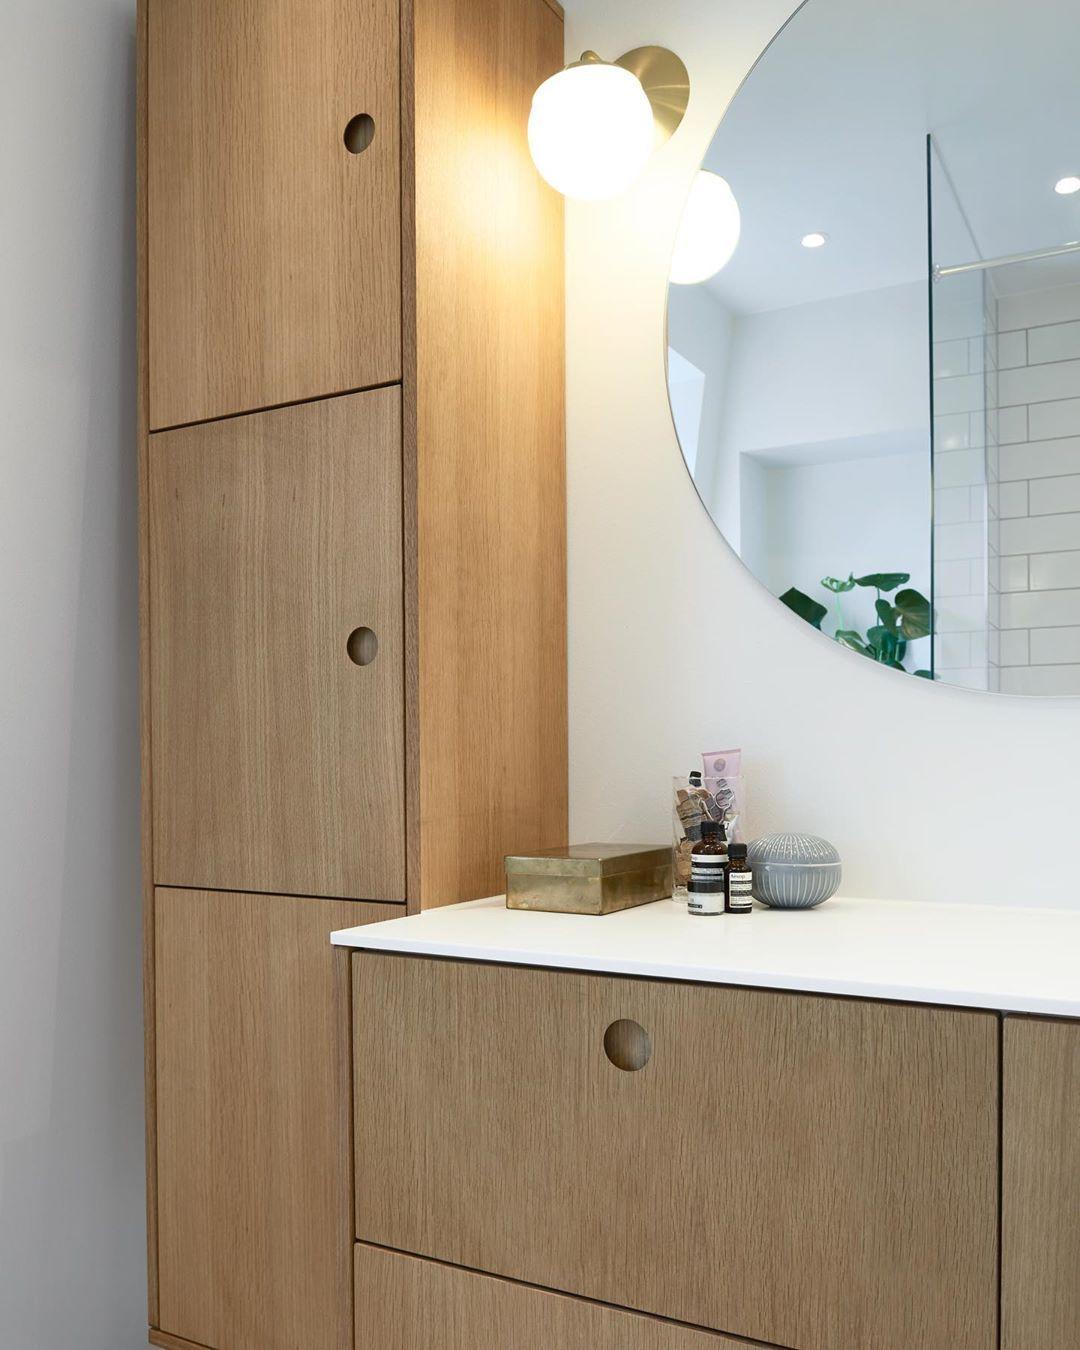 Reform Kitchens On Instagram Our Basis Design In Natural Oak